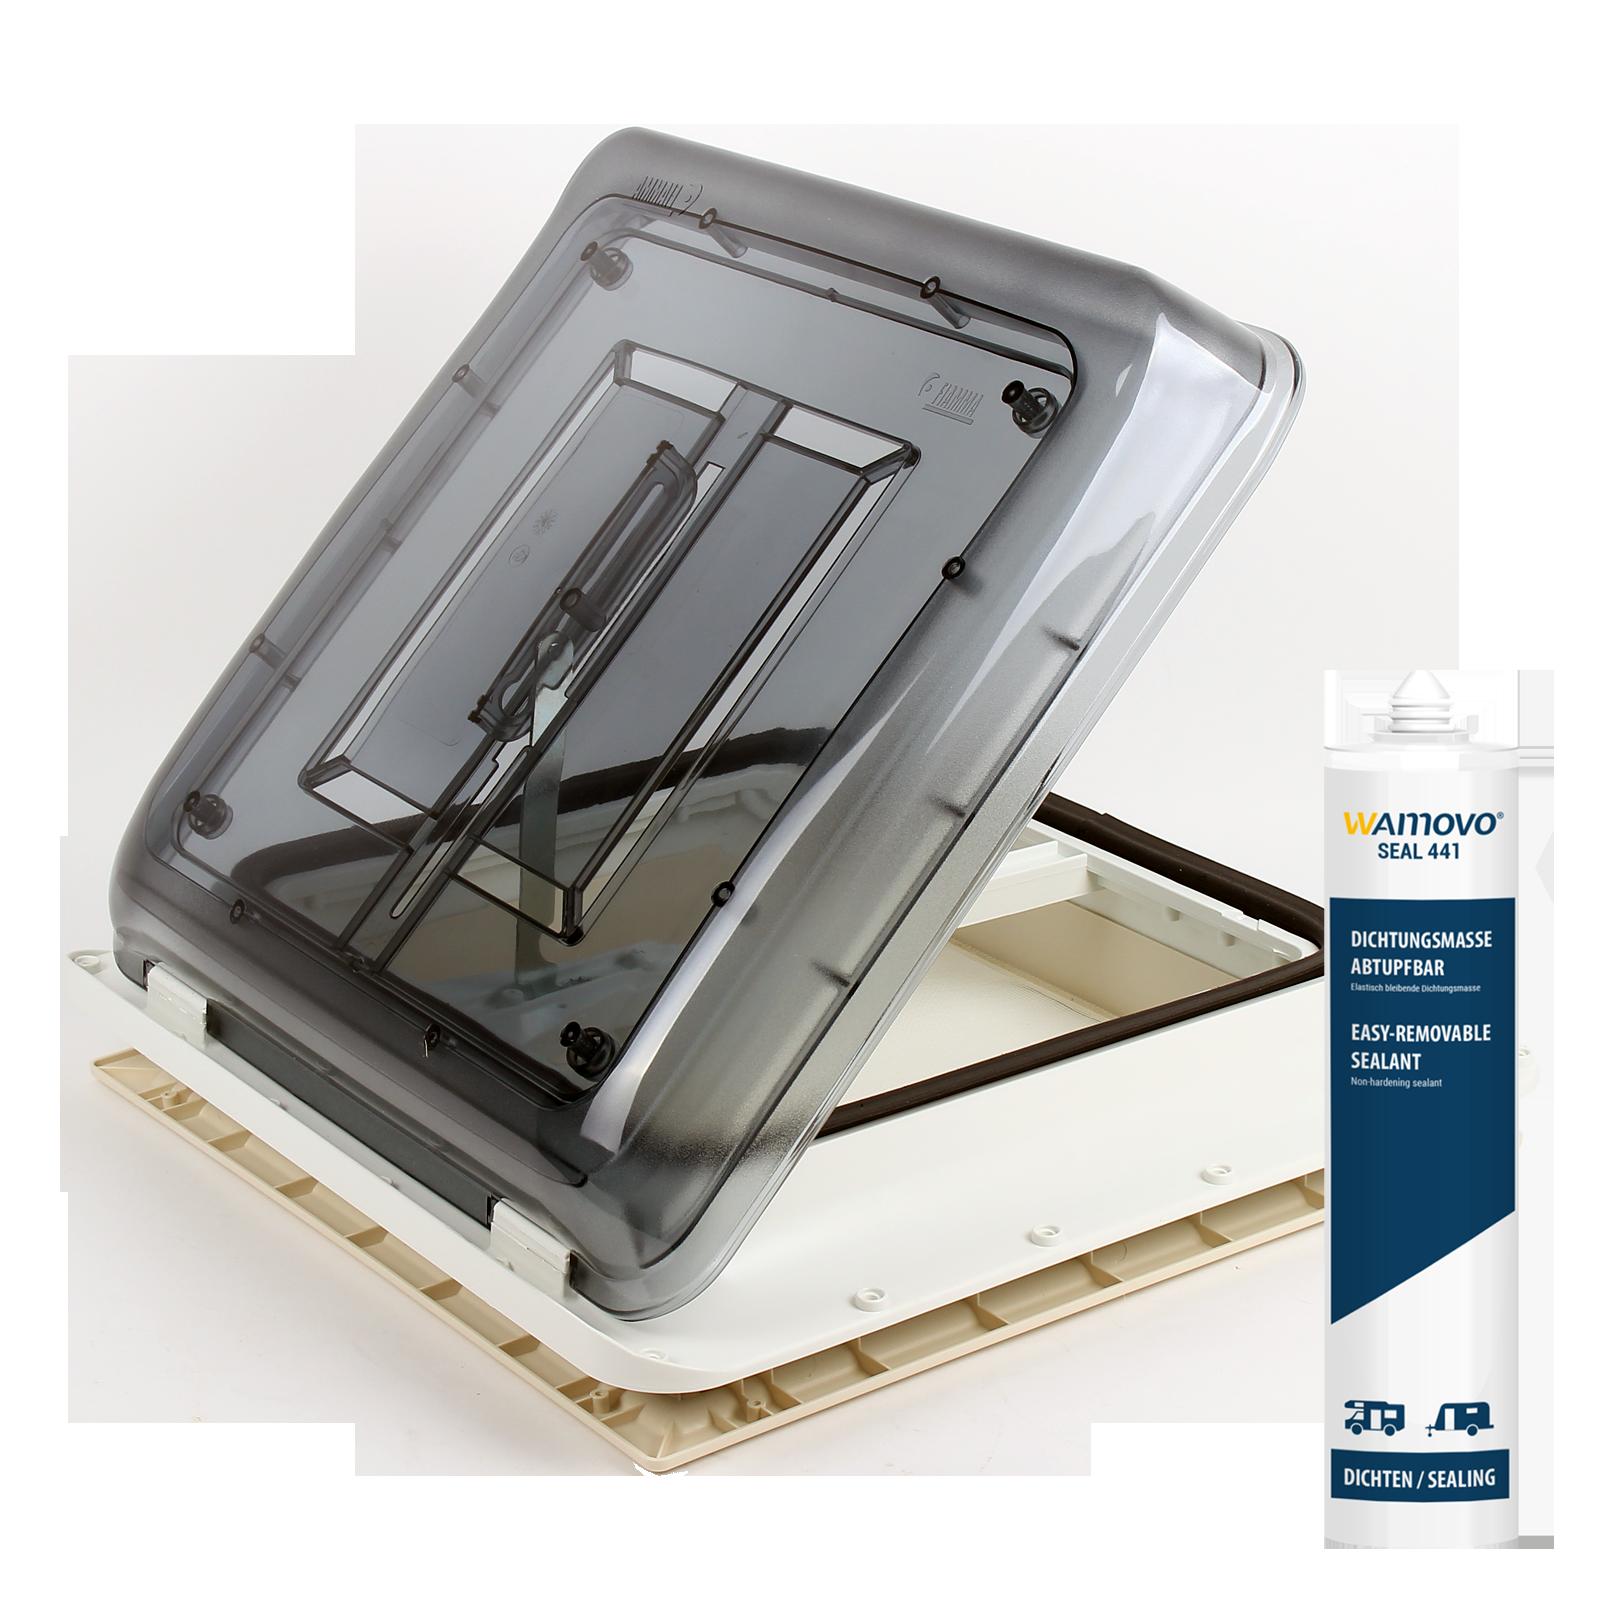 Dachfenster Fiamma Vent 40x40 cm Klar inkl. Dichmittel & Schrauben